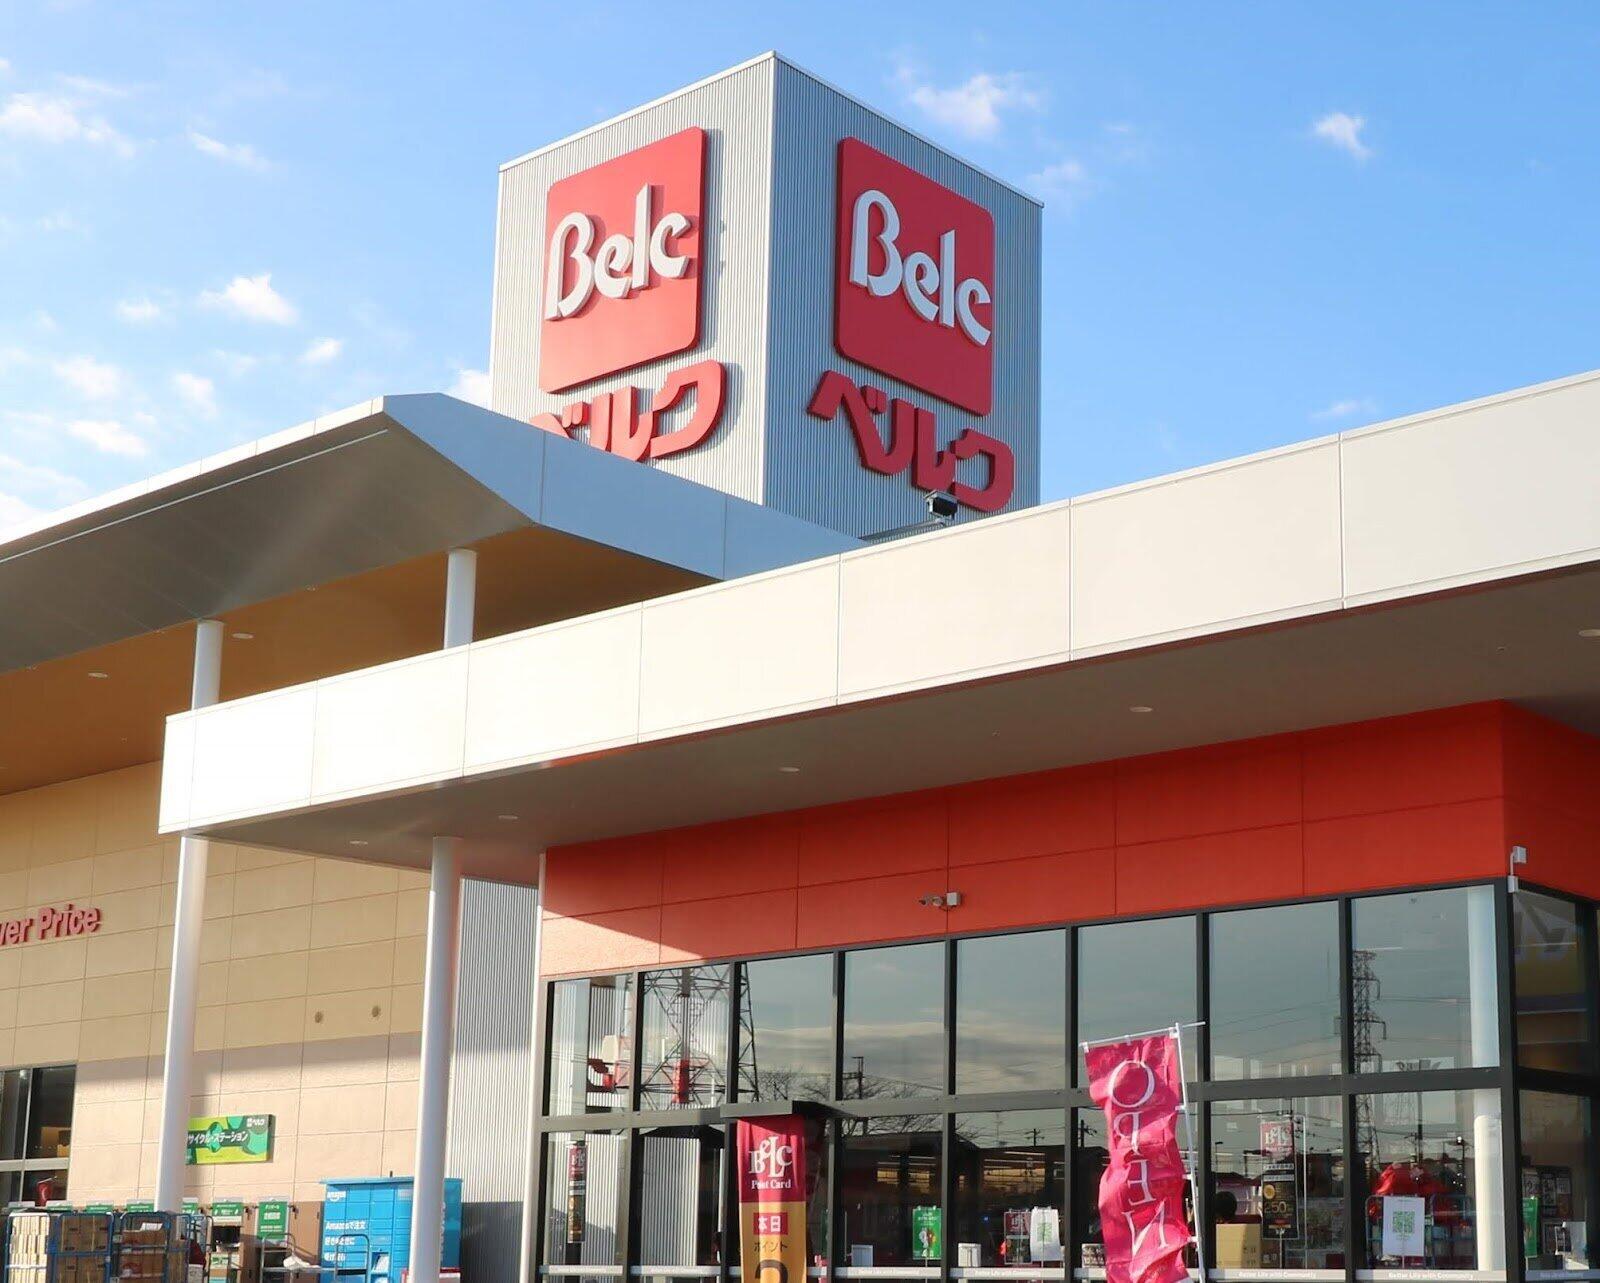 【コロナに勝つ! ニッポンの会社】食品スーパーが飲食店の従業員を雇用 双方にメリットの「一石二鳥」